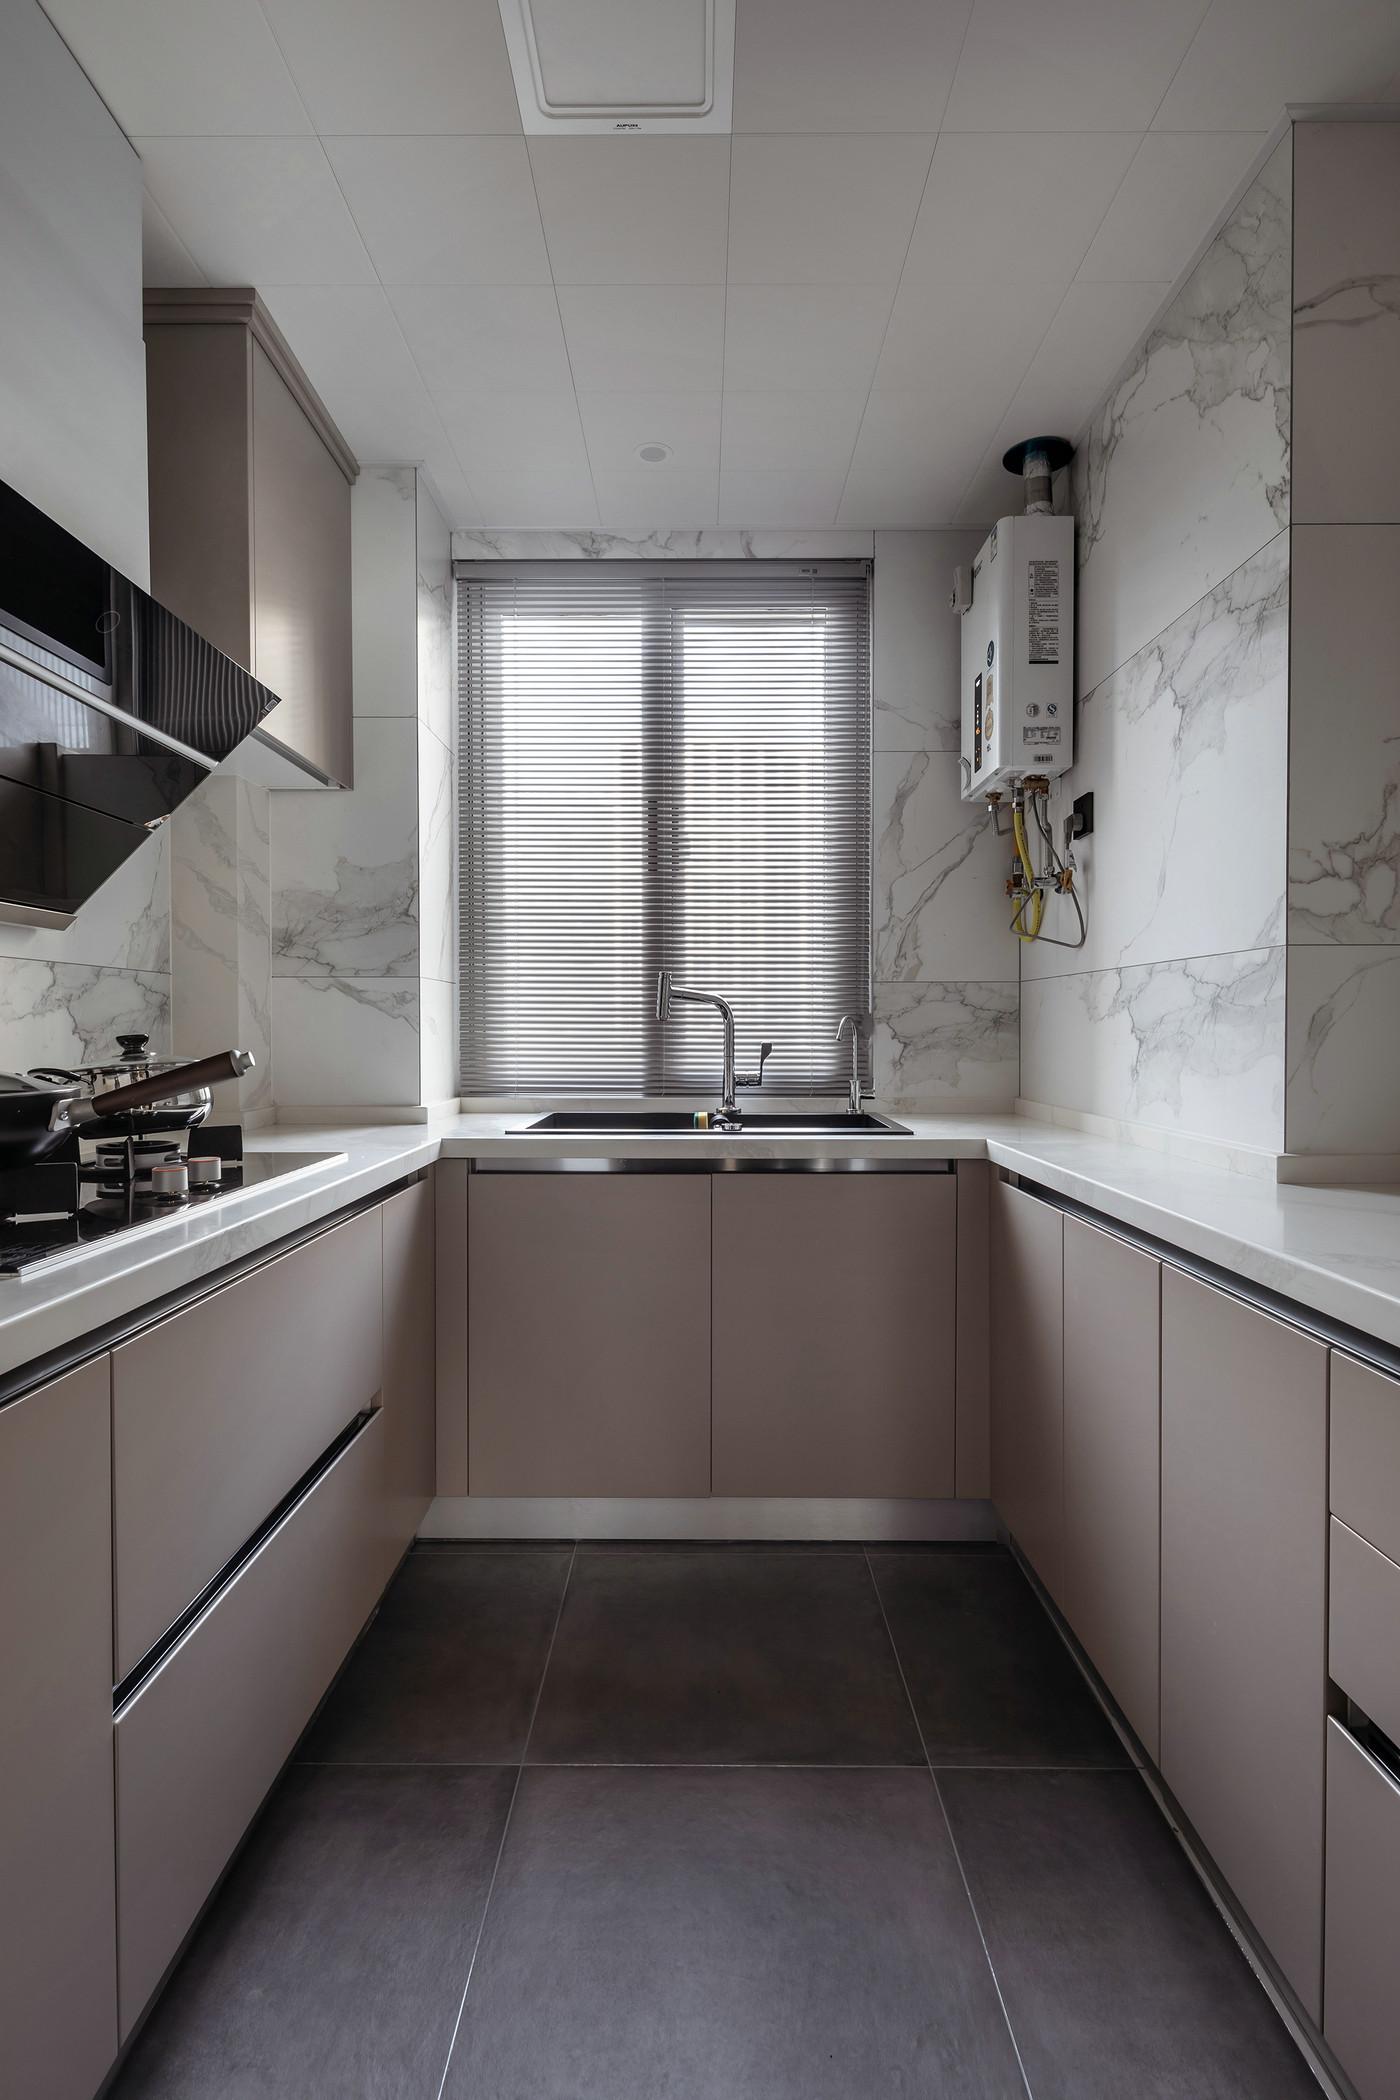 U形厨房动线布局合理,橱柜色感舒适,营造出舒缓的烹饪氛围。